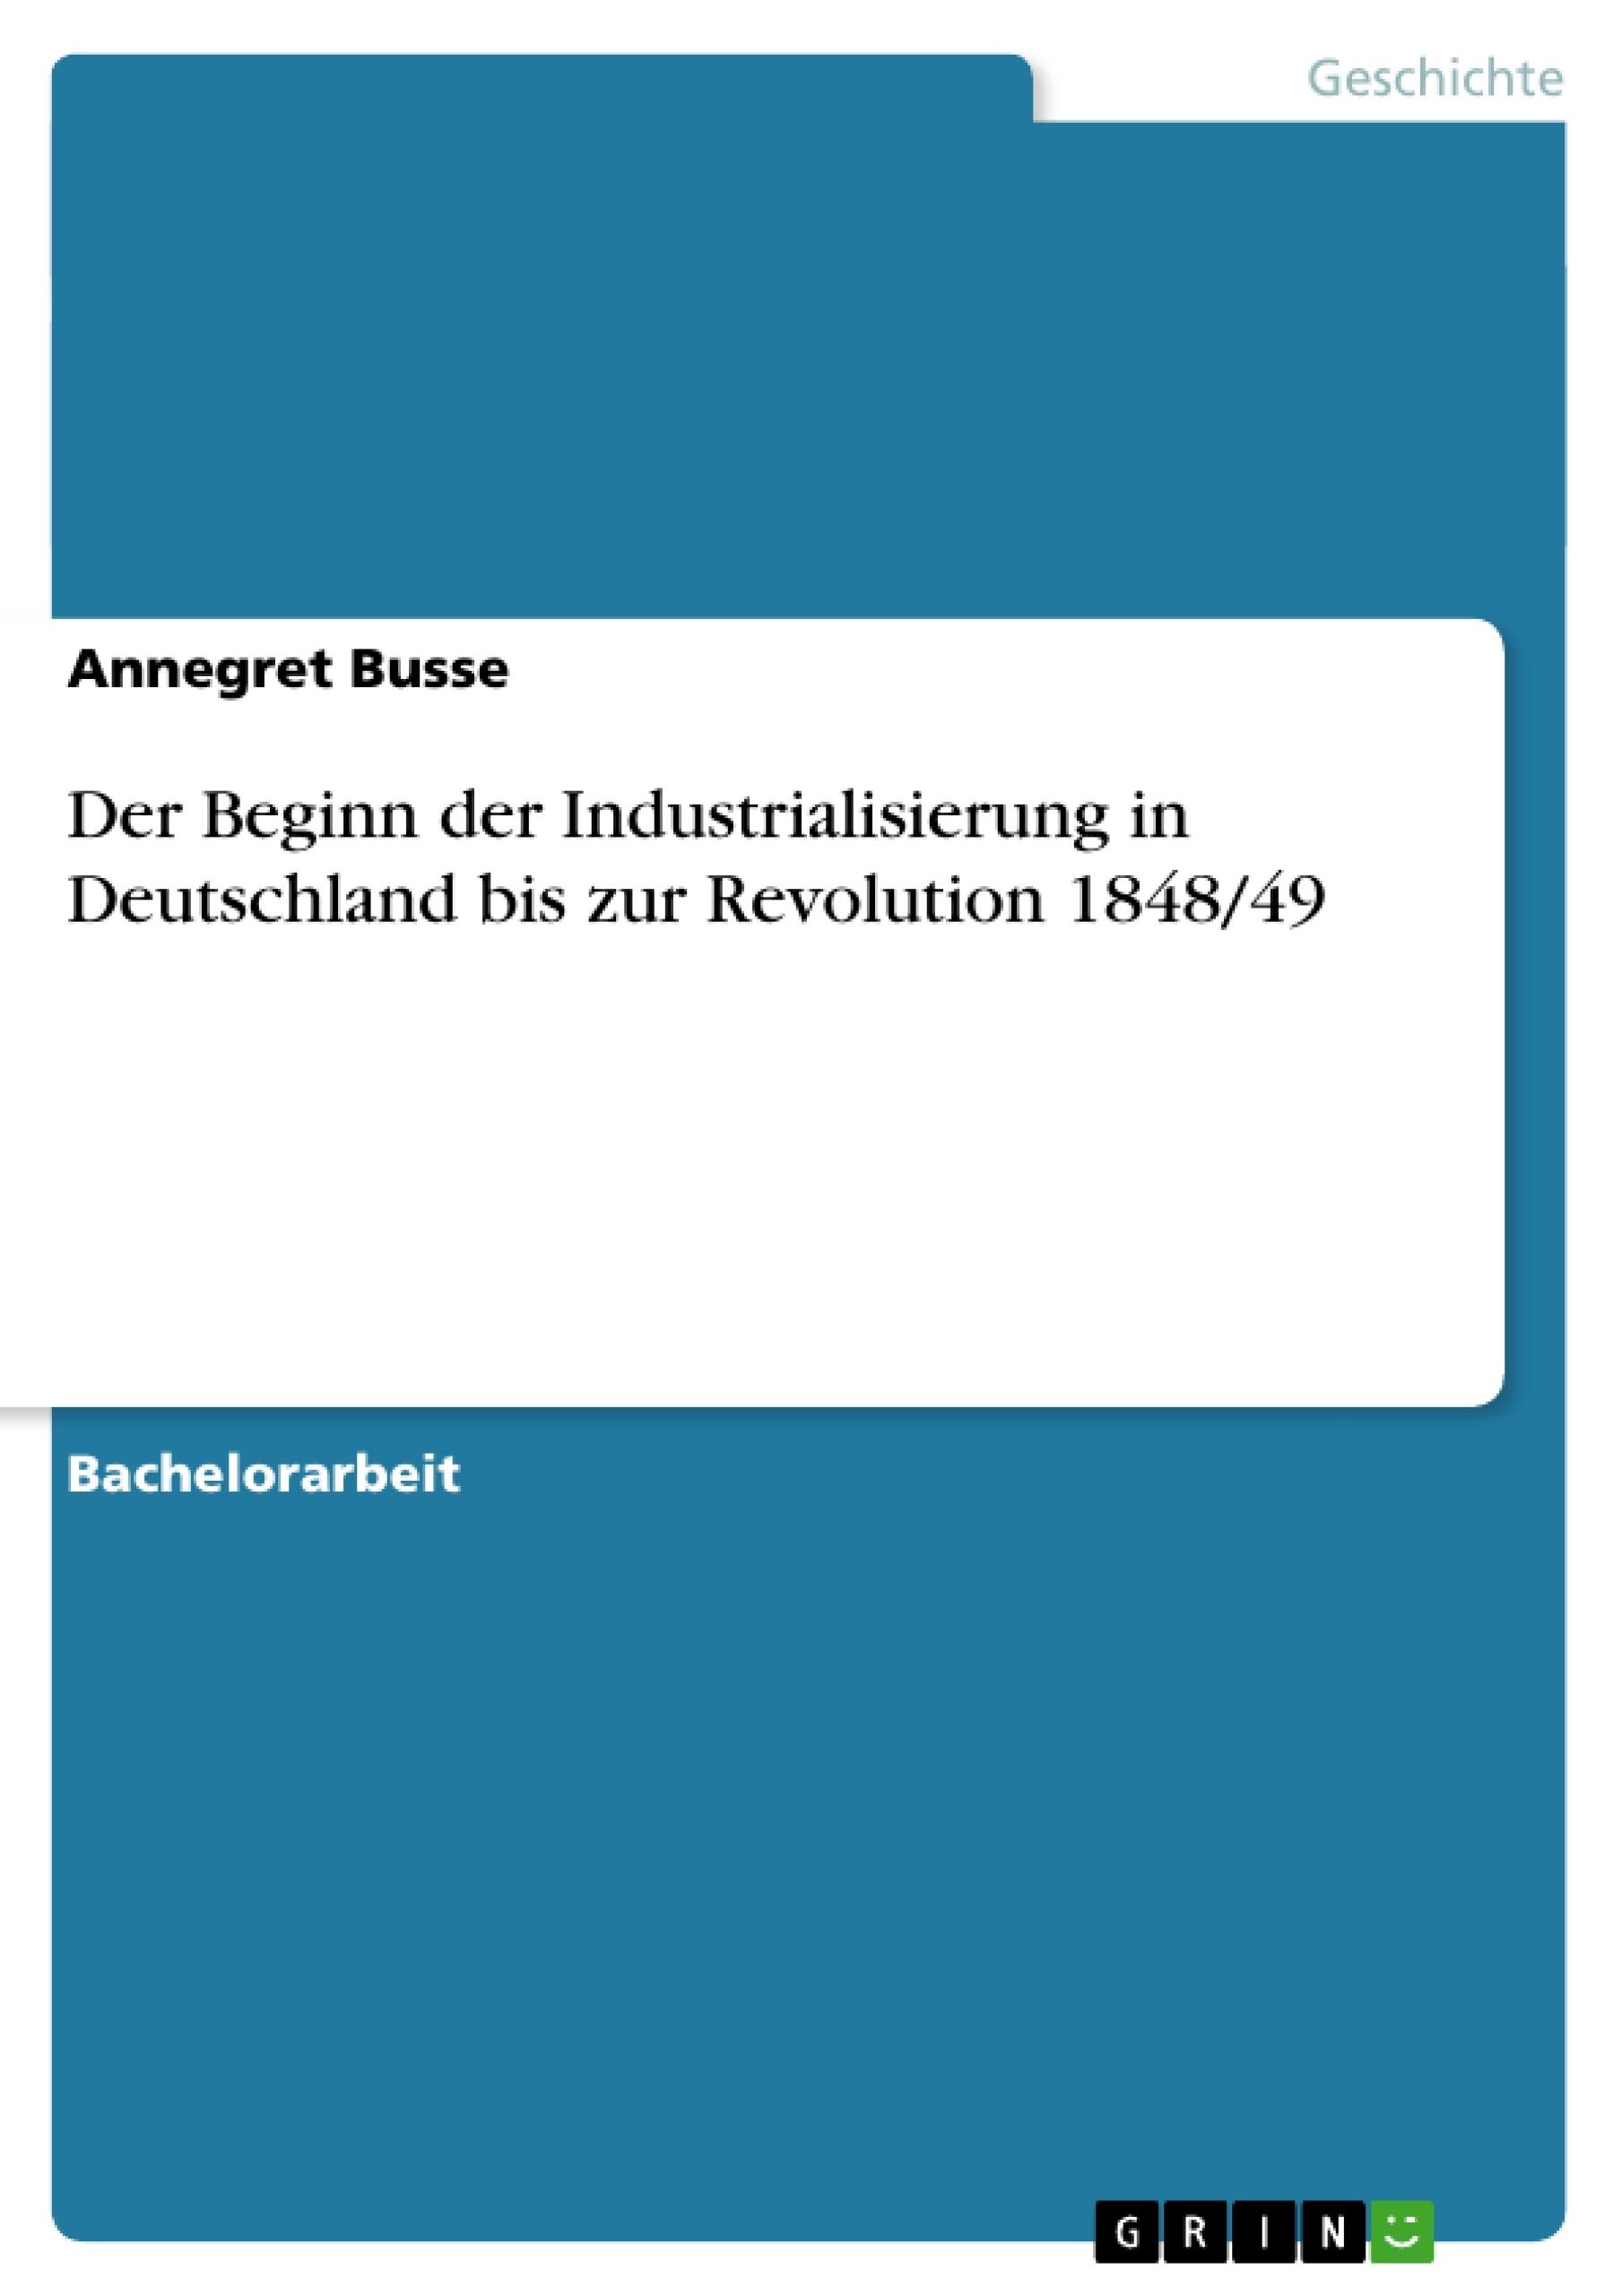 Titel: Der Beginn der Industrialisierung in Deutschland bis zur Revolution 1848/49